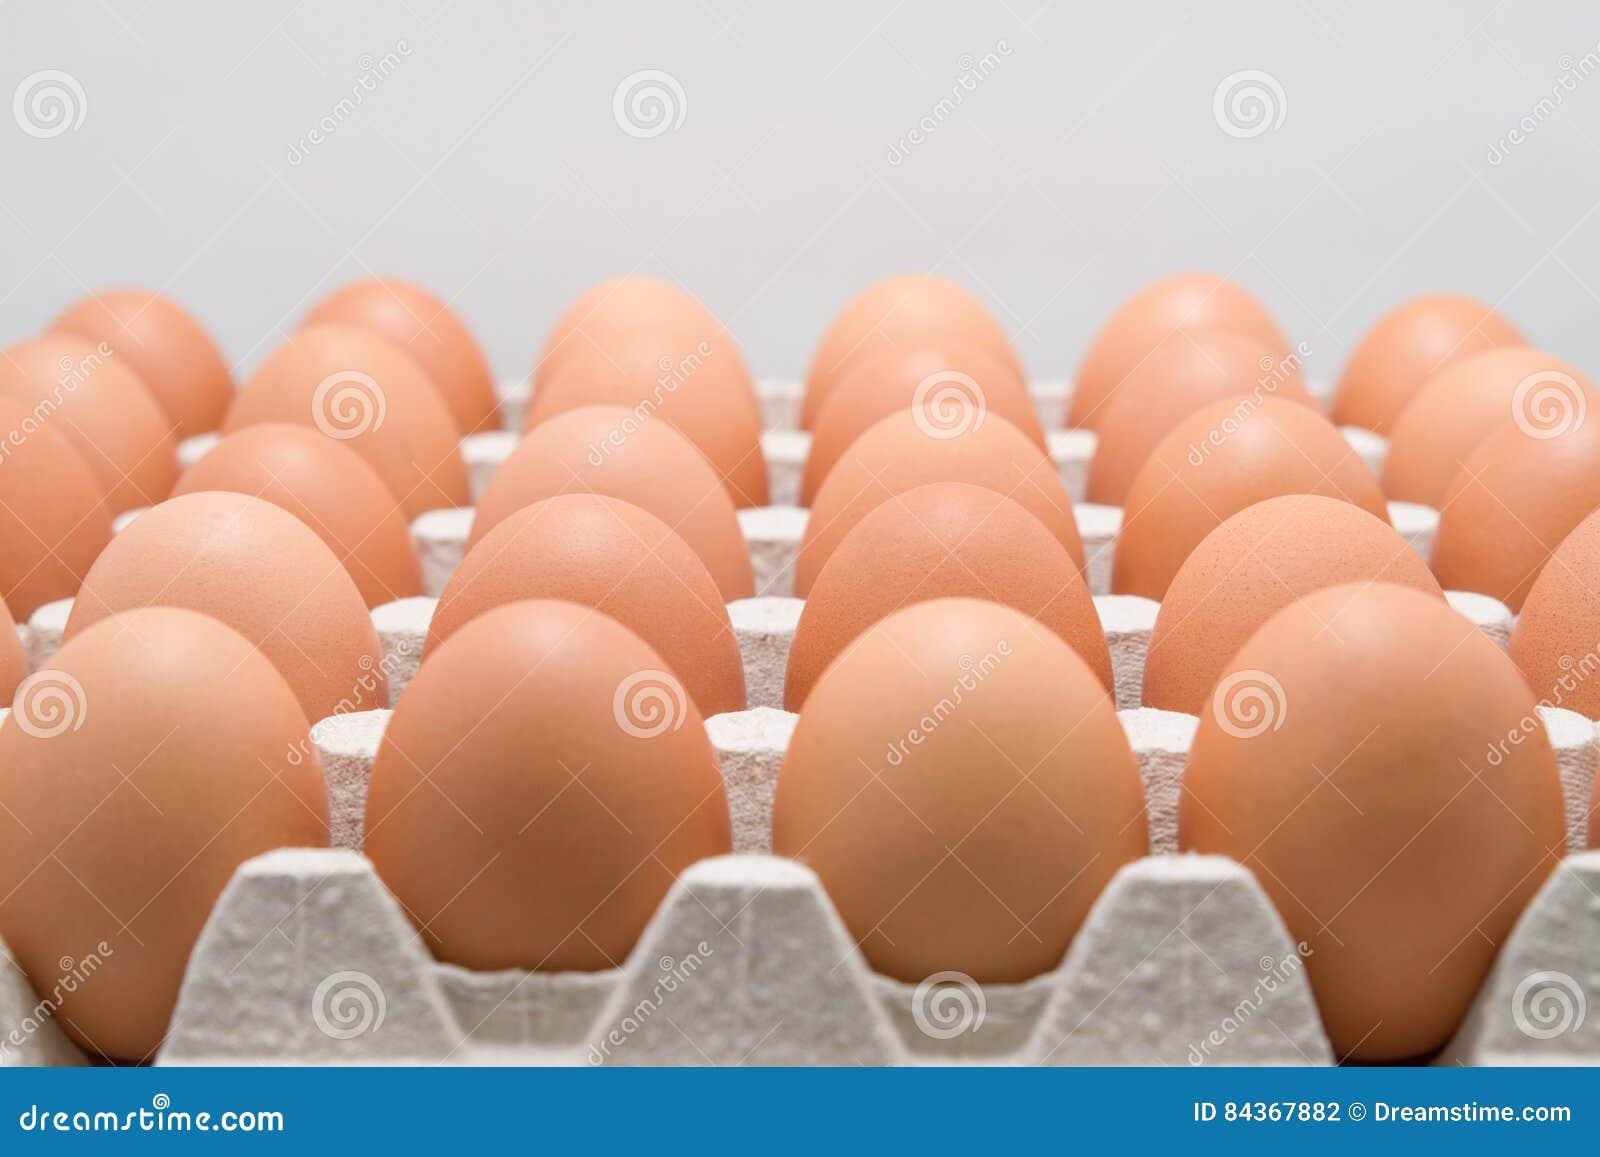 Kühlschrank Ei : Eierhalter kÜhlschrank eier eur picclick de